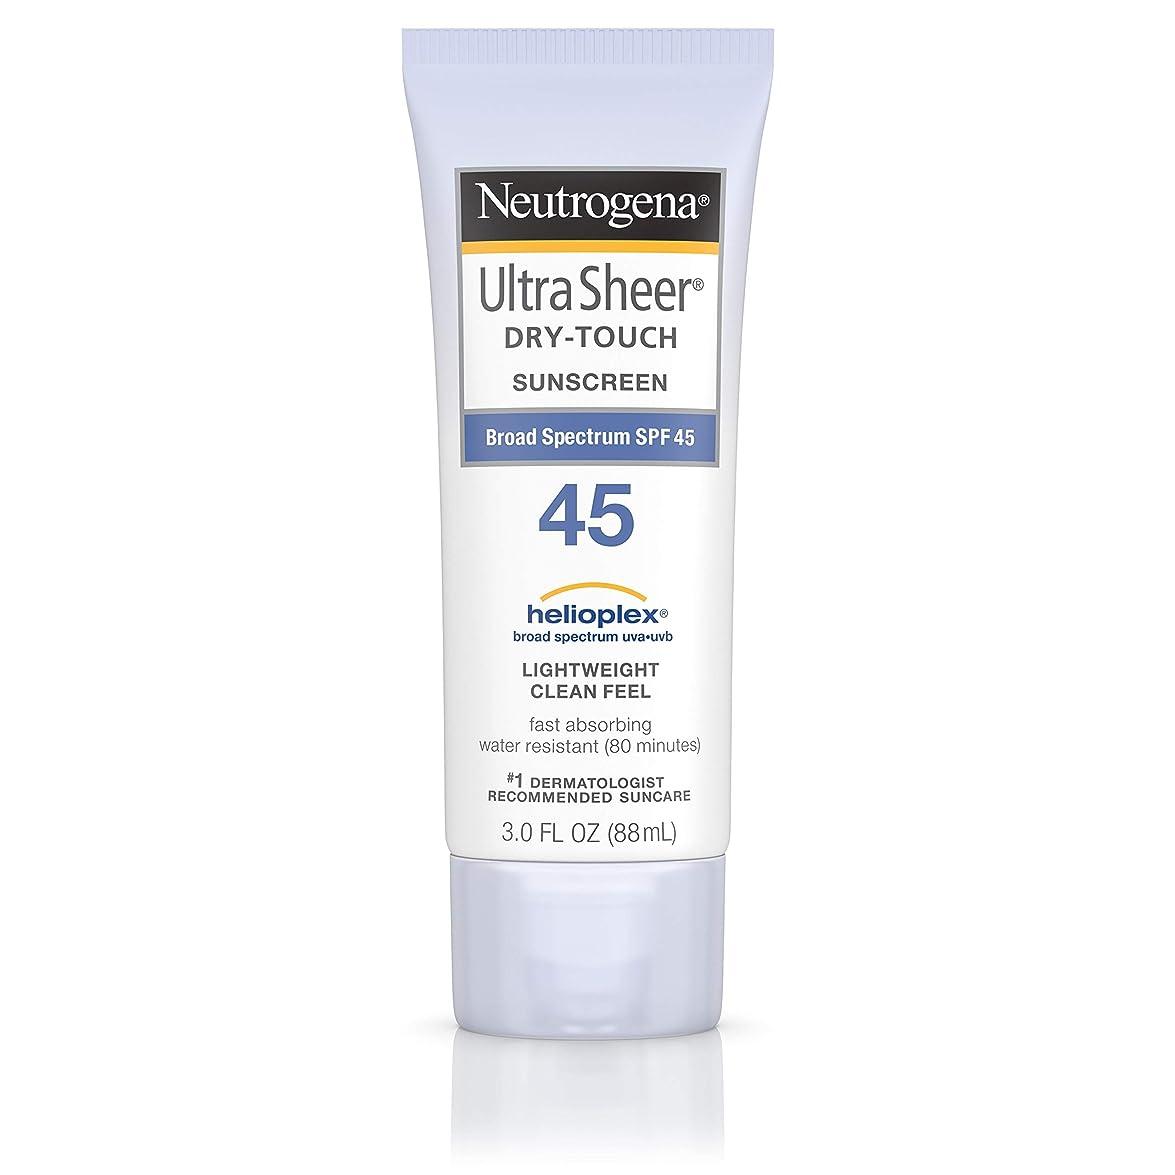 ラインナップ飾るフロント海外直送品 Neutrogena Neutrogena Ultra Sheer Dry-Touch Sunblock Spf 45【並行輸入品】